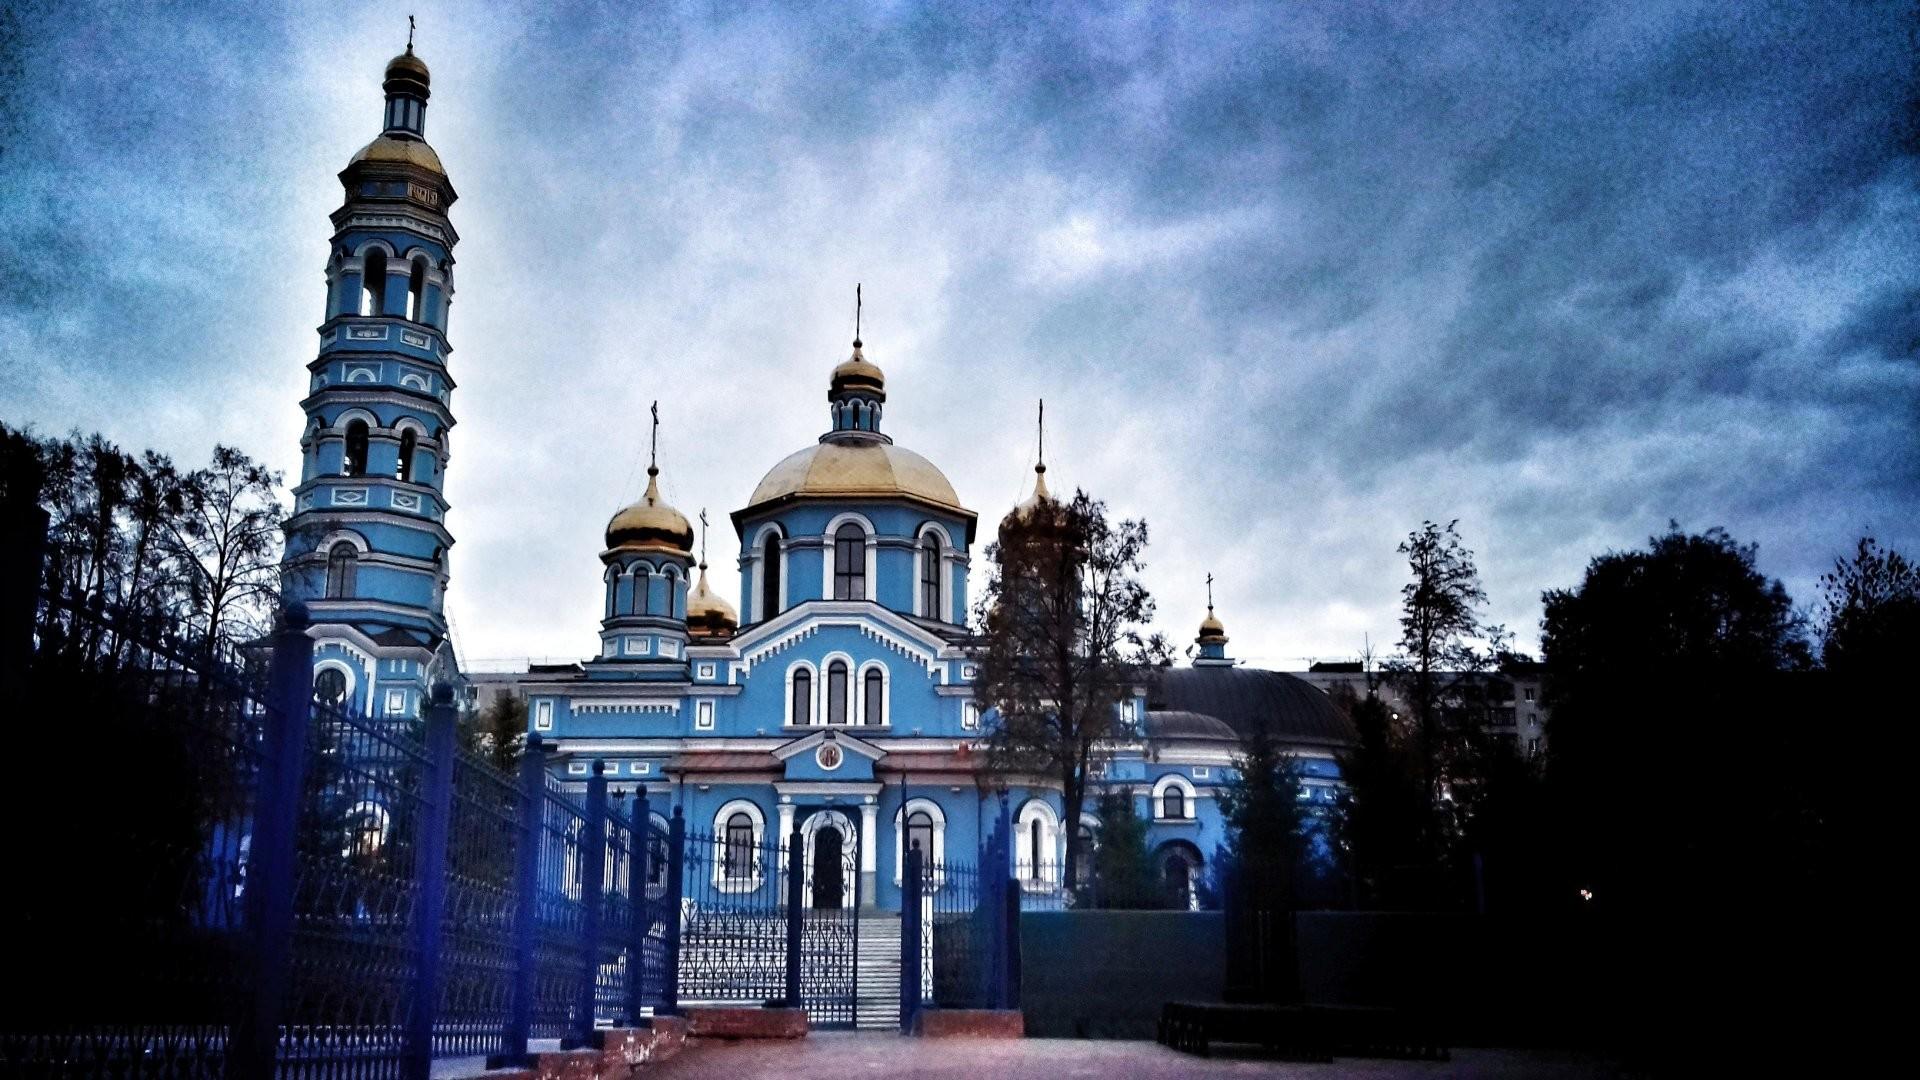 rozhdestvensko-bogorodicrfja_cerkov.jpg